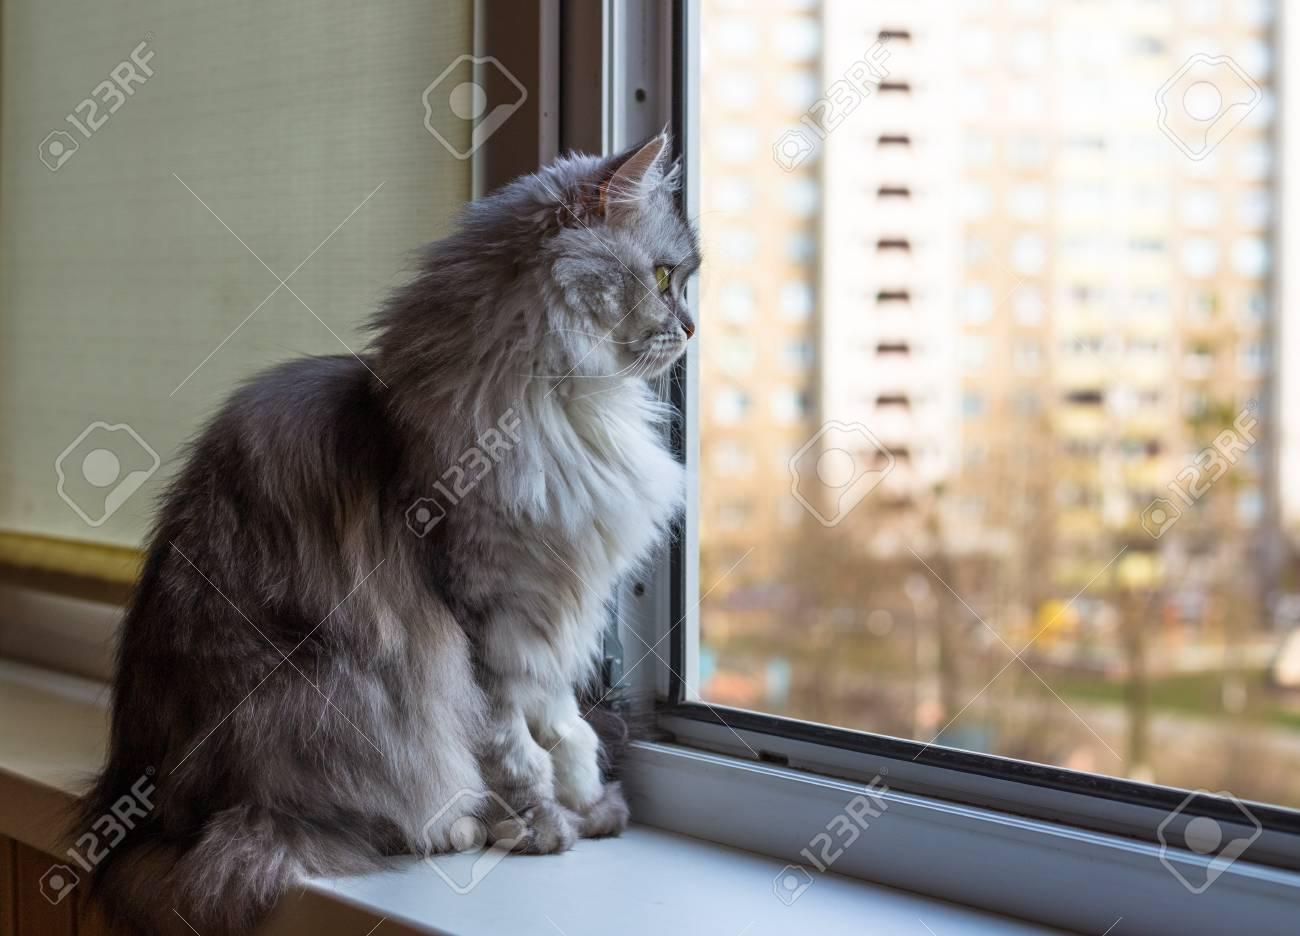 Schone Graue Katze Auf Der Fensterbank Sitzen Und Auf Der Suche Nach